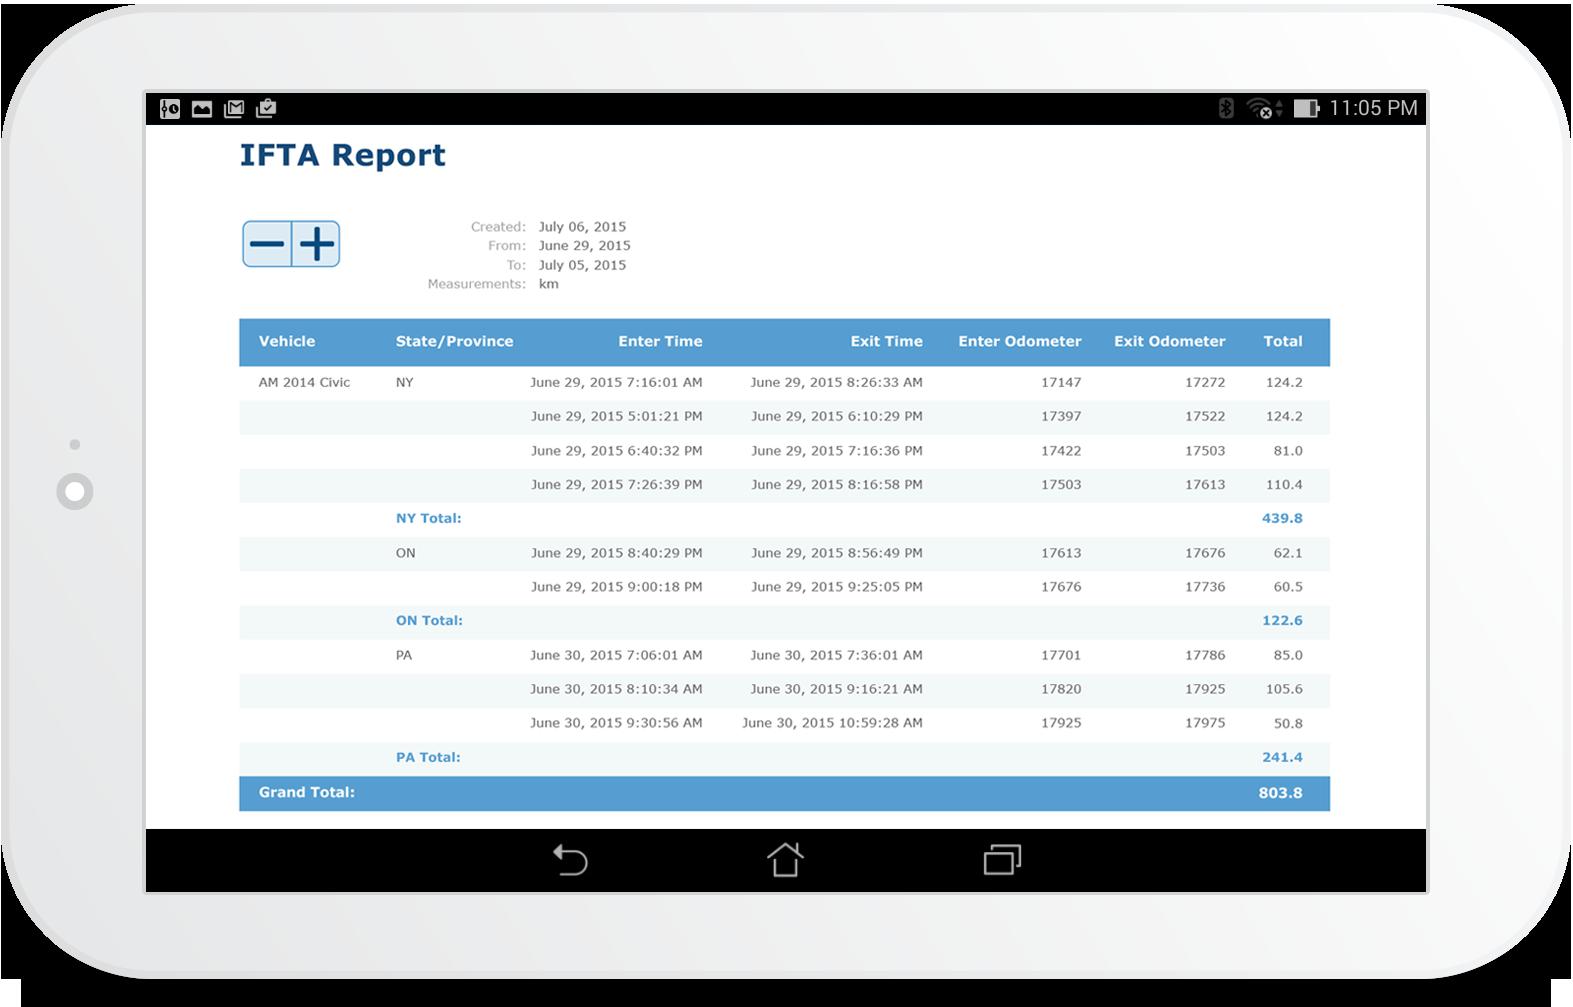 International Fuel Tax Agreement (IFTA ) Report on tablet